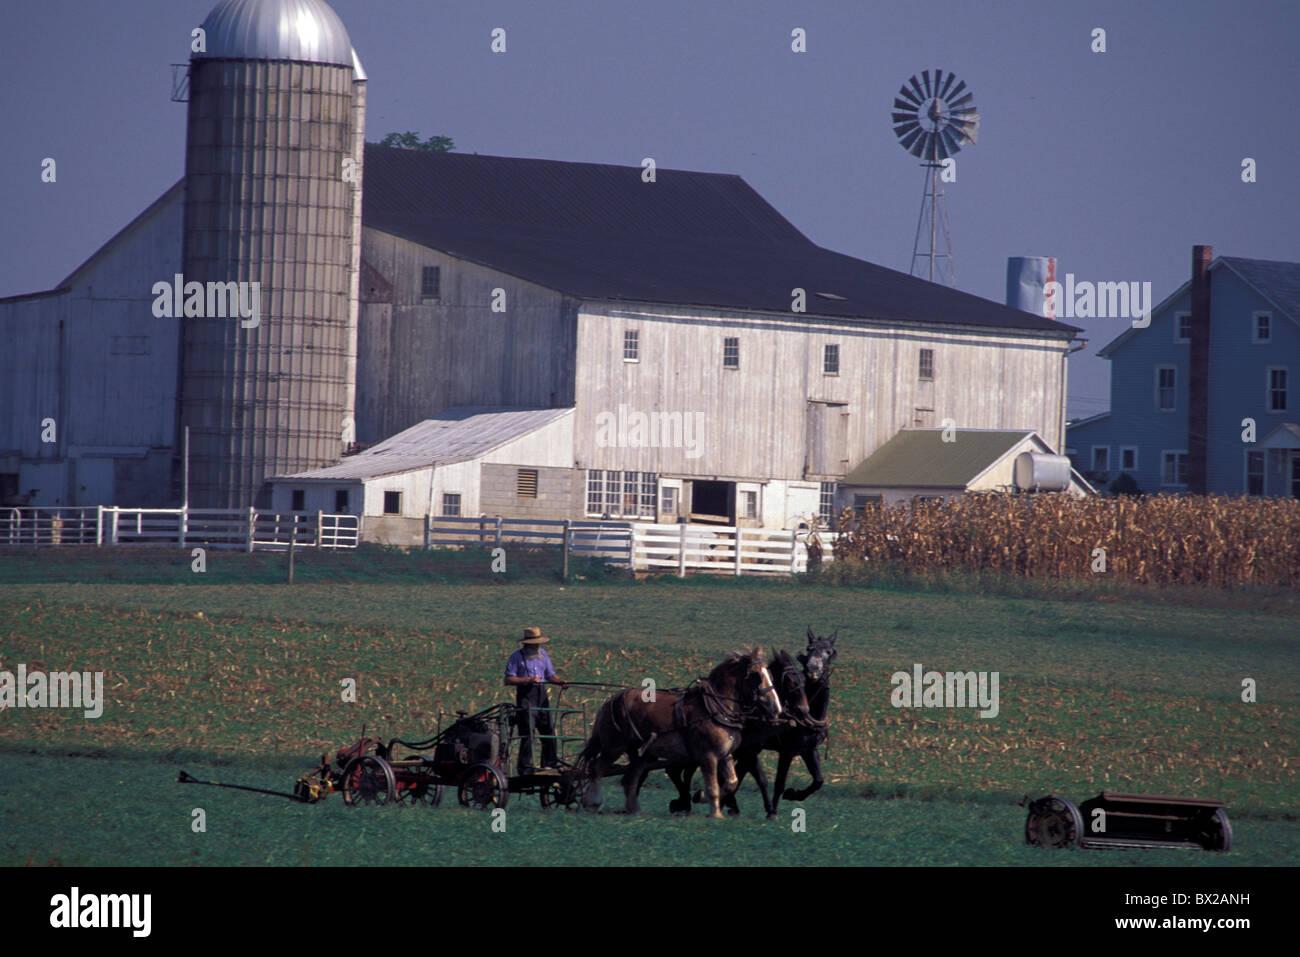 alten altmodischen amische Landwirte Käfige Pferde Feld Bauernhof Landwirtschaft Religion Christentum Lancaster Stockbild